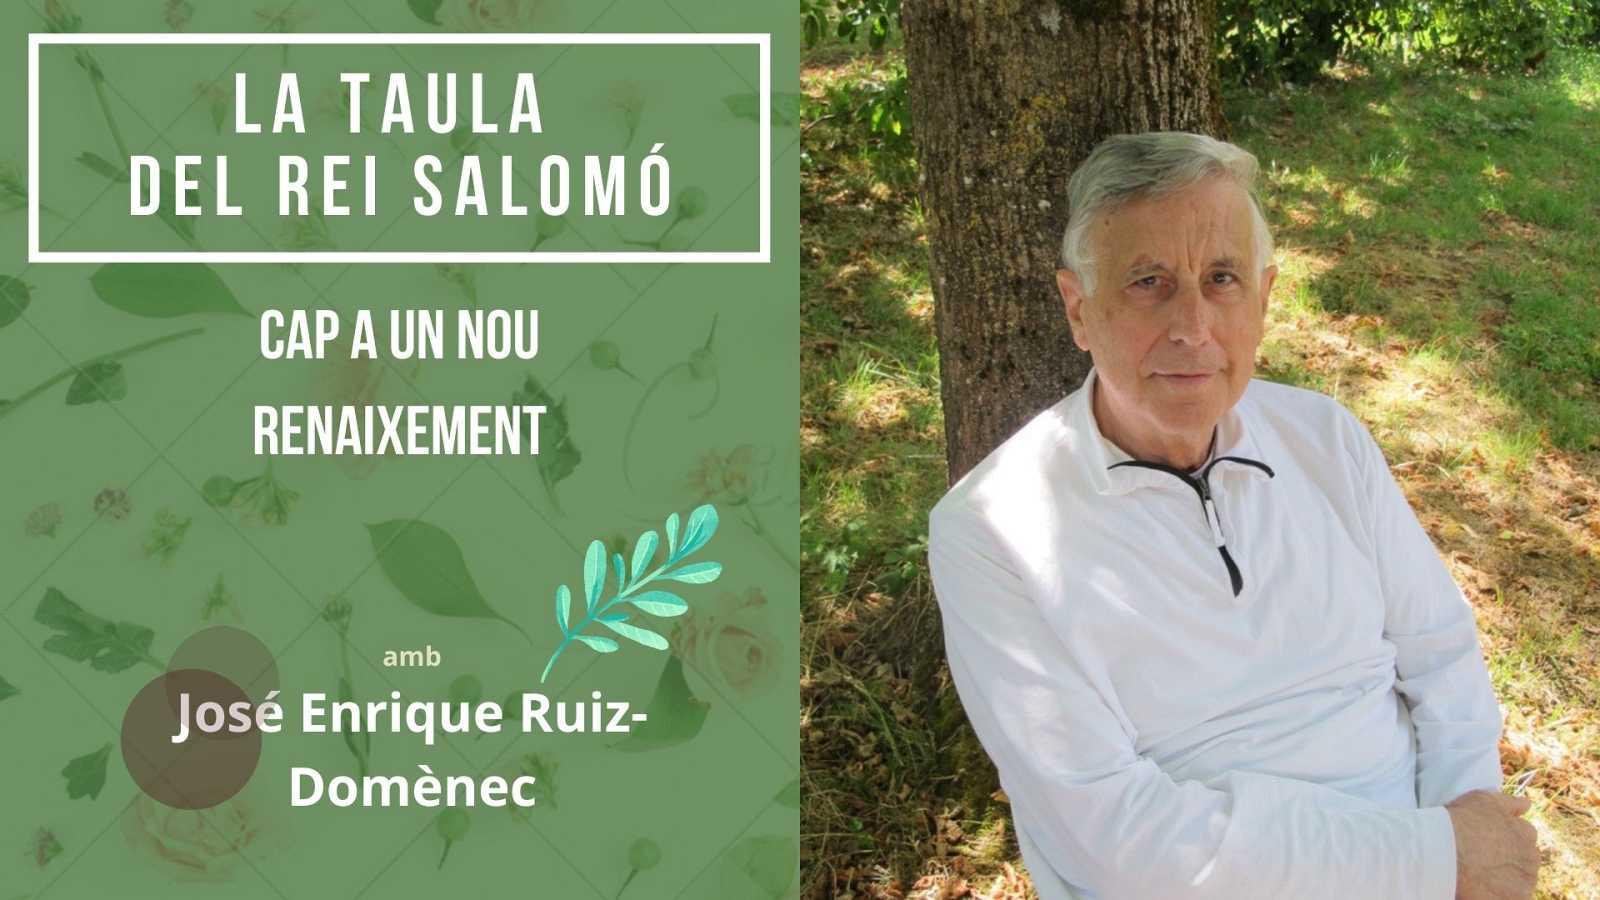 Wonderland - La taula del Rei Salomó. Entrevista a José Enrique Ruiz-Domènec